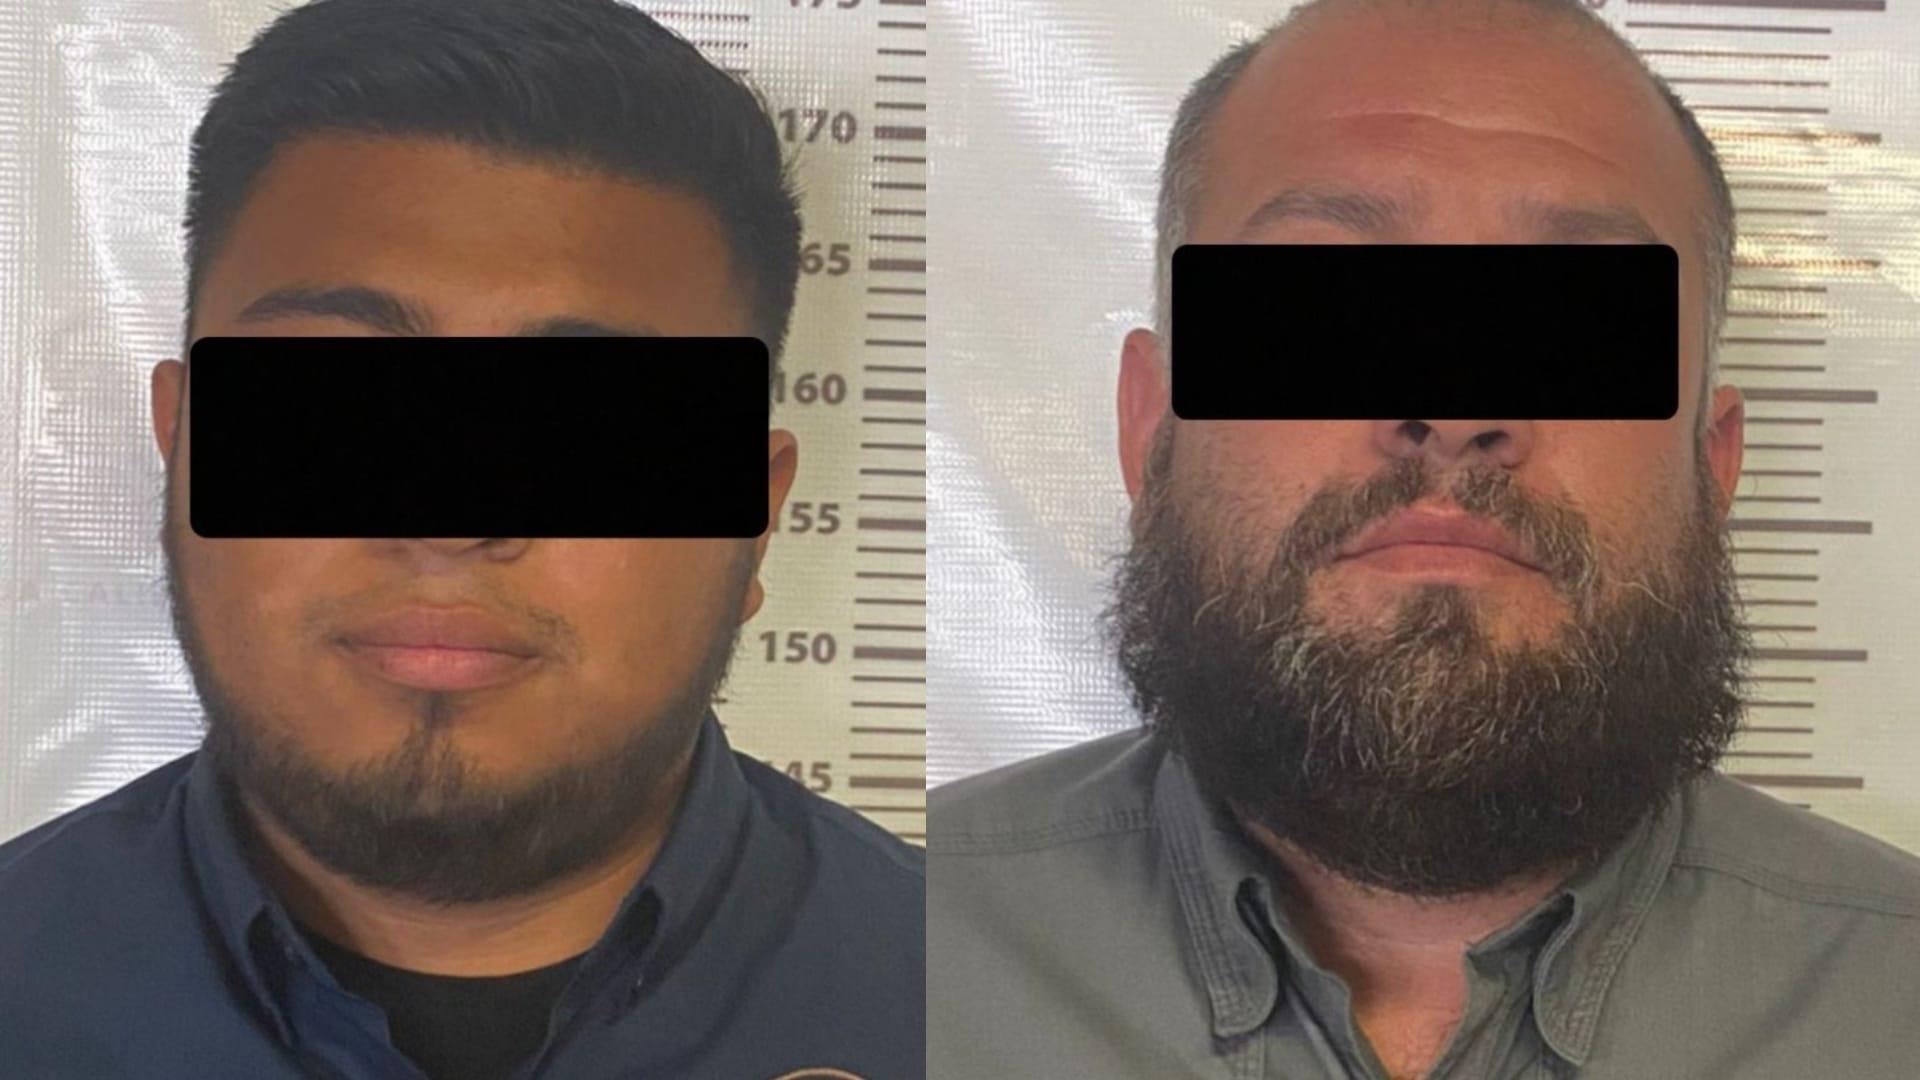 arrestan-a-dos-en-automovil-no-oficial-con-estrobos